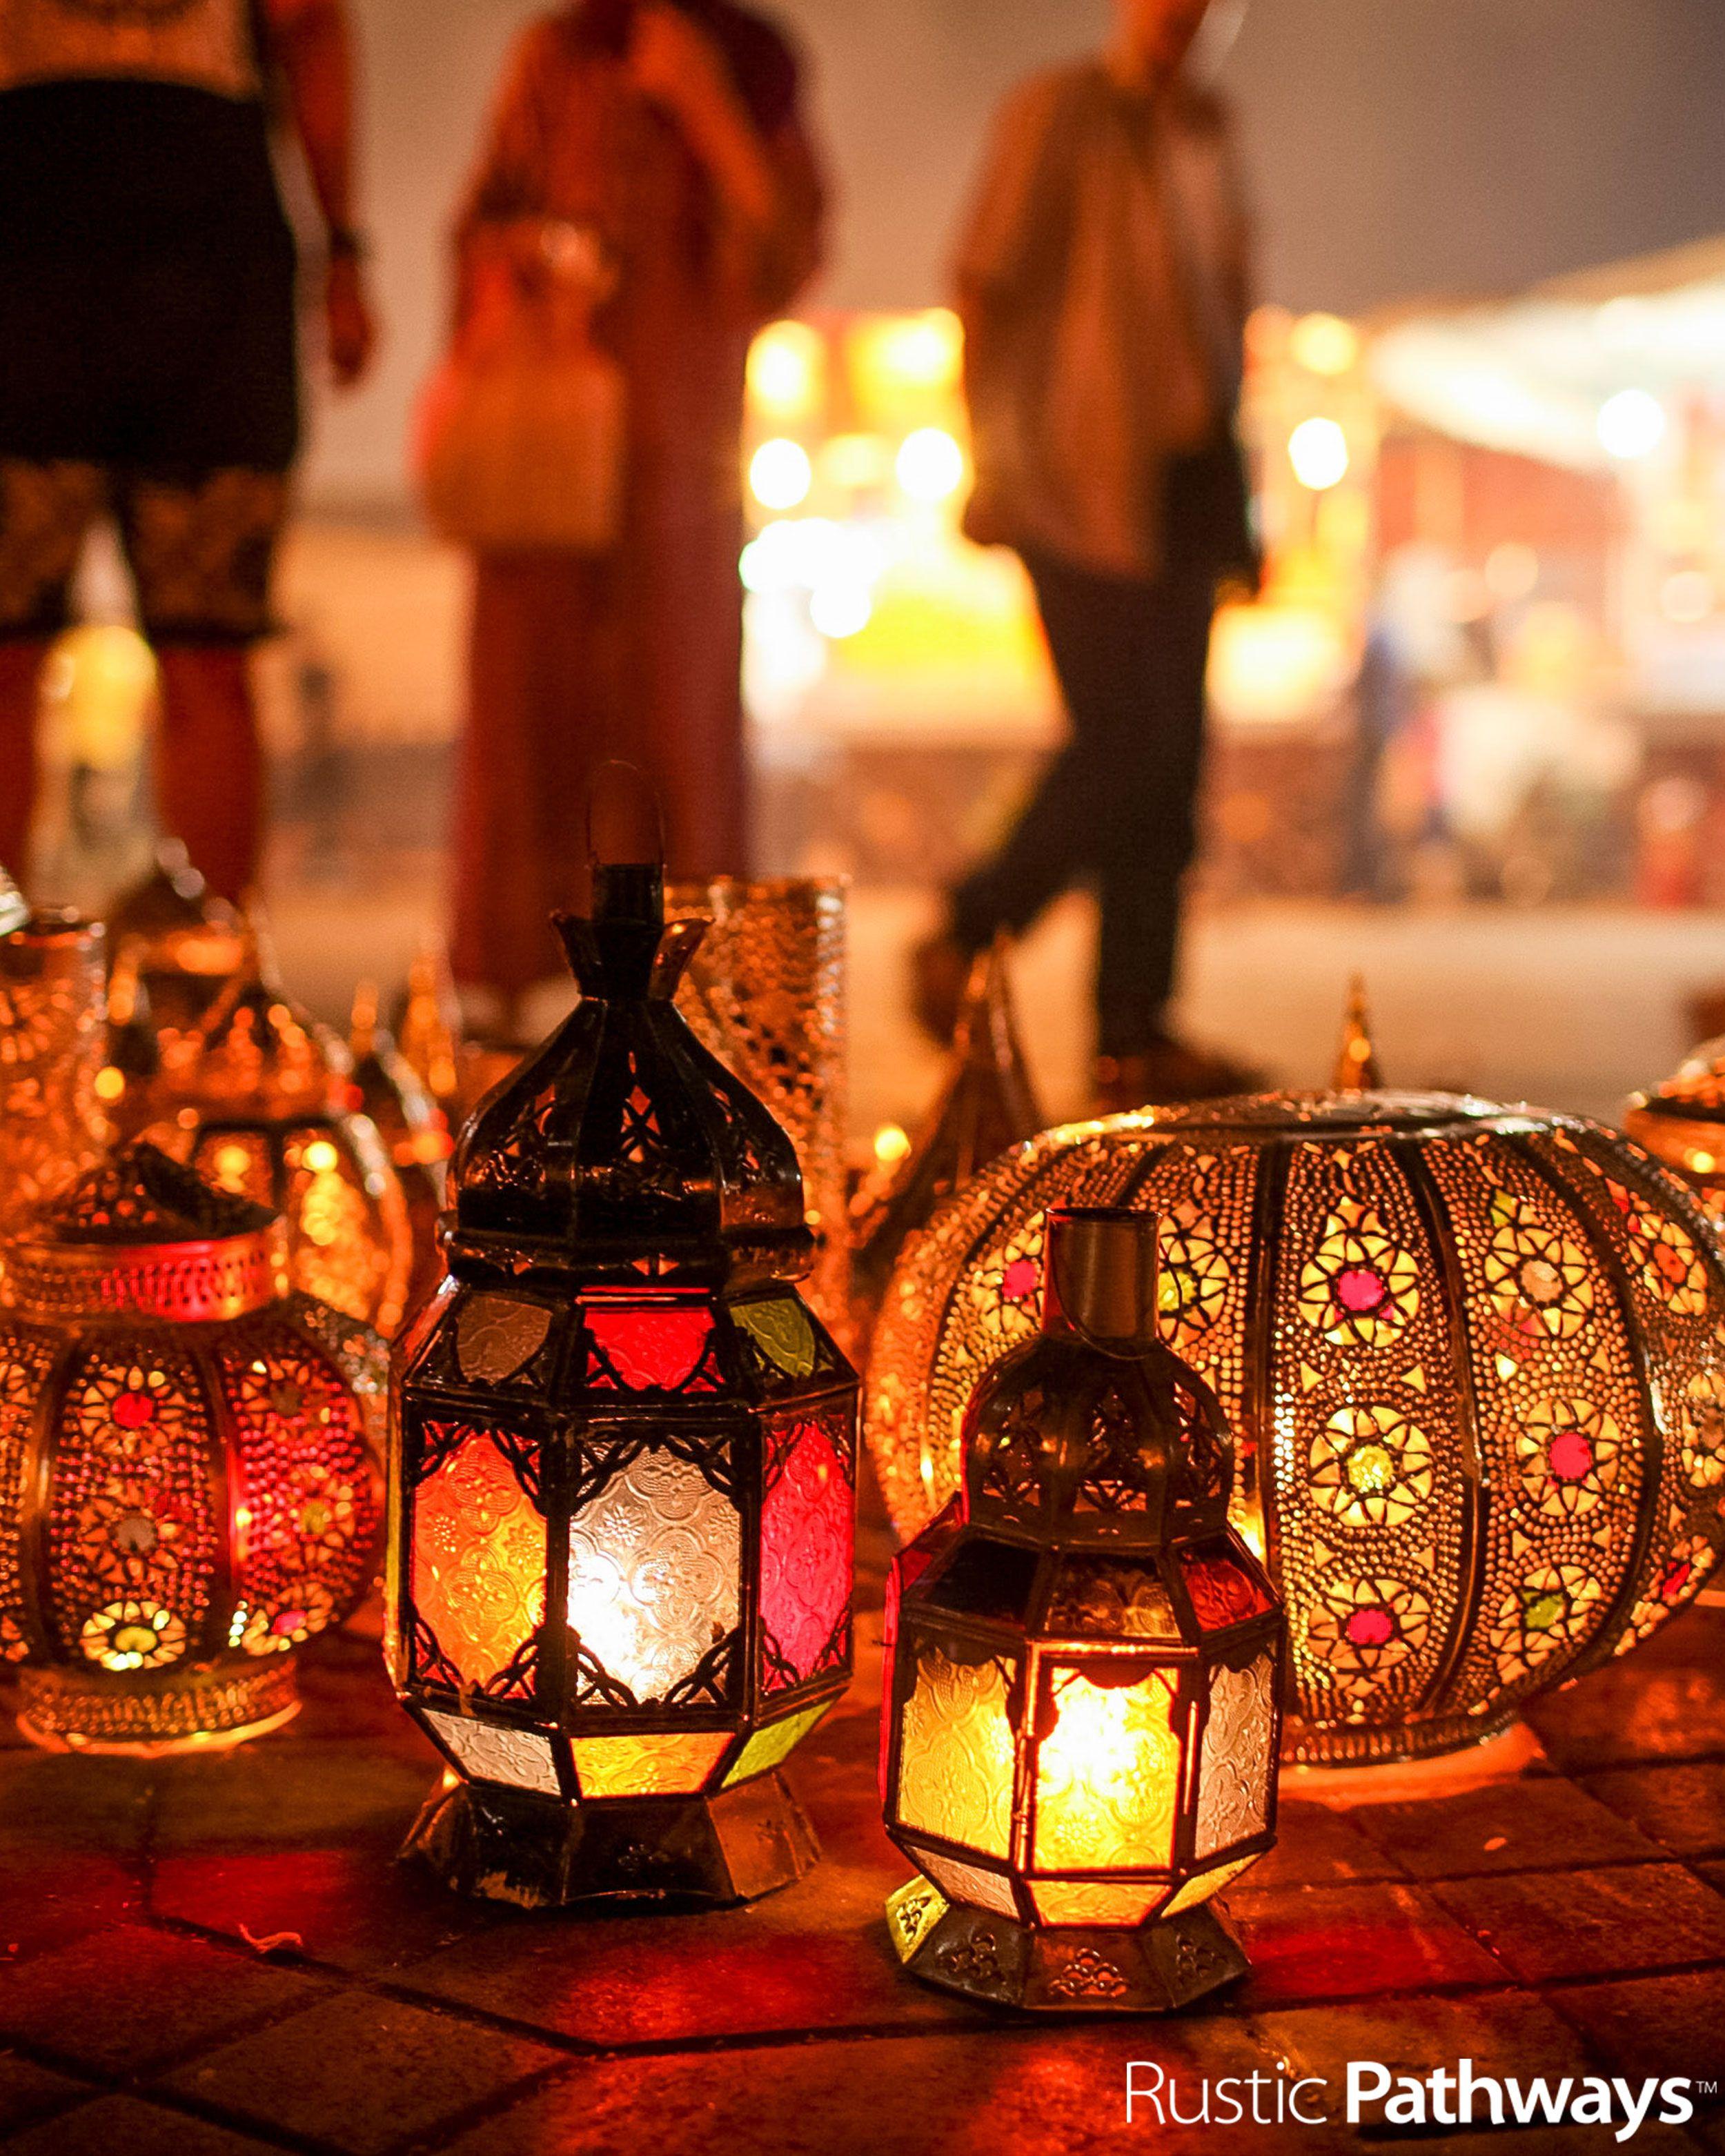 Glass lanterns l MOROCCO l Jill Richards